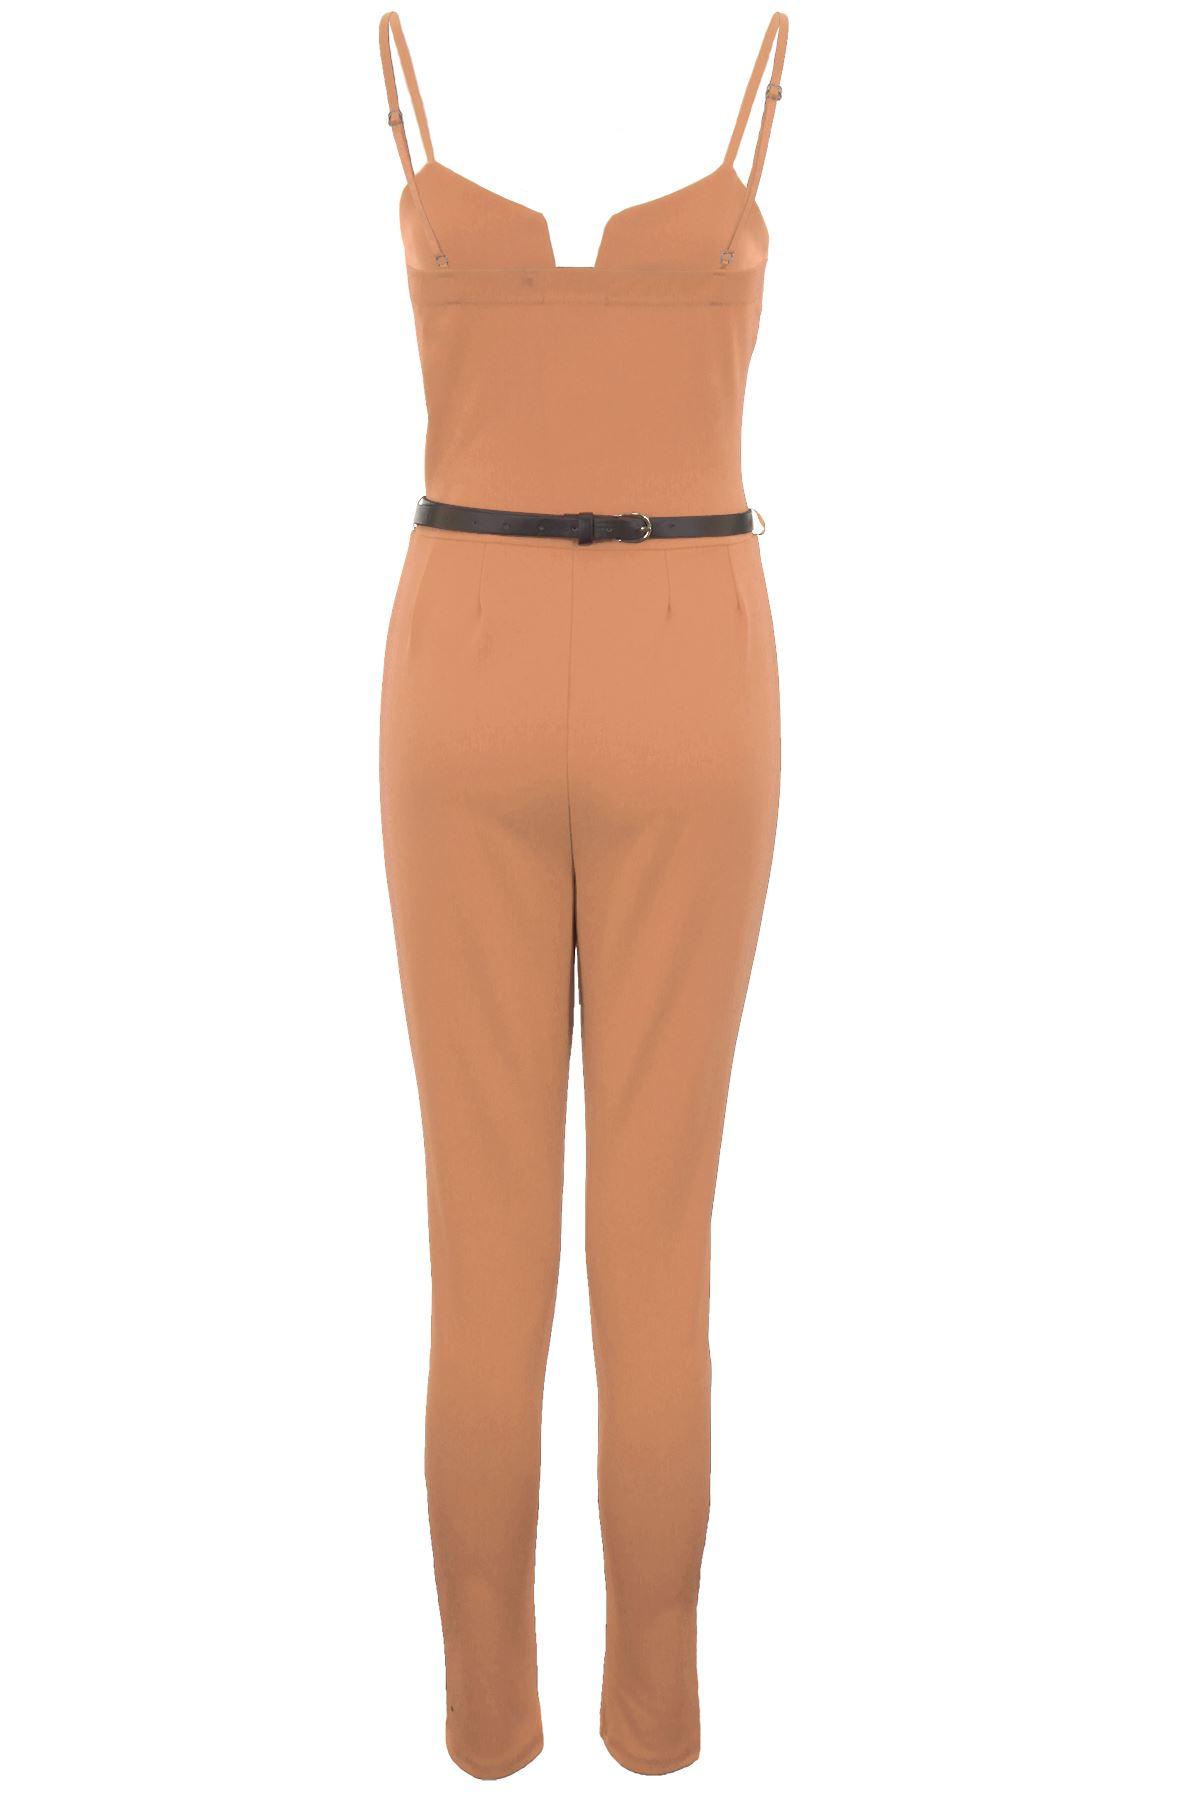 Mujer-Con-Tiras-Sin-Mangas-Cuadrado-cuello-en-039-V-039-Crepe-Dorado-Con-Cinturon-liso